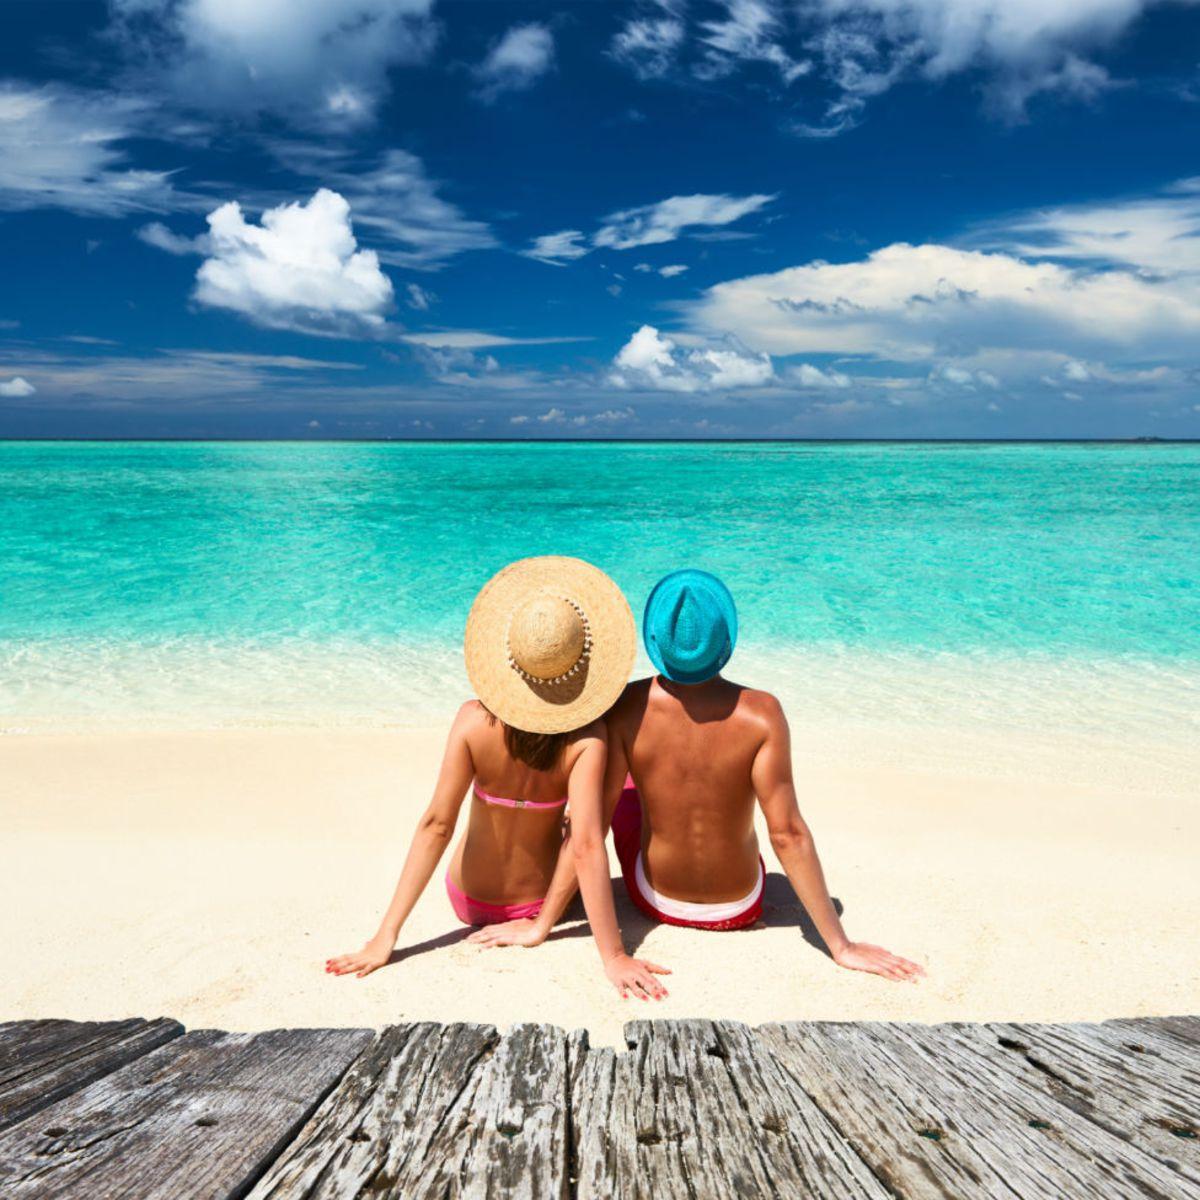 Partir en voyage : pourquoi prendre des vacances ?